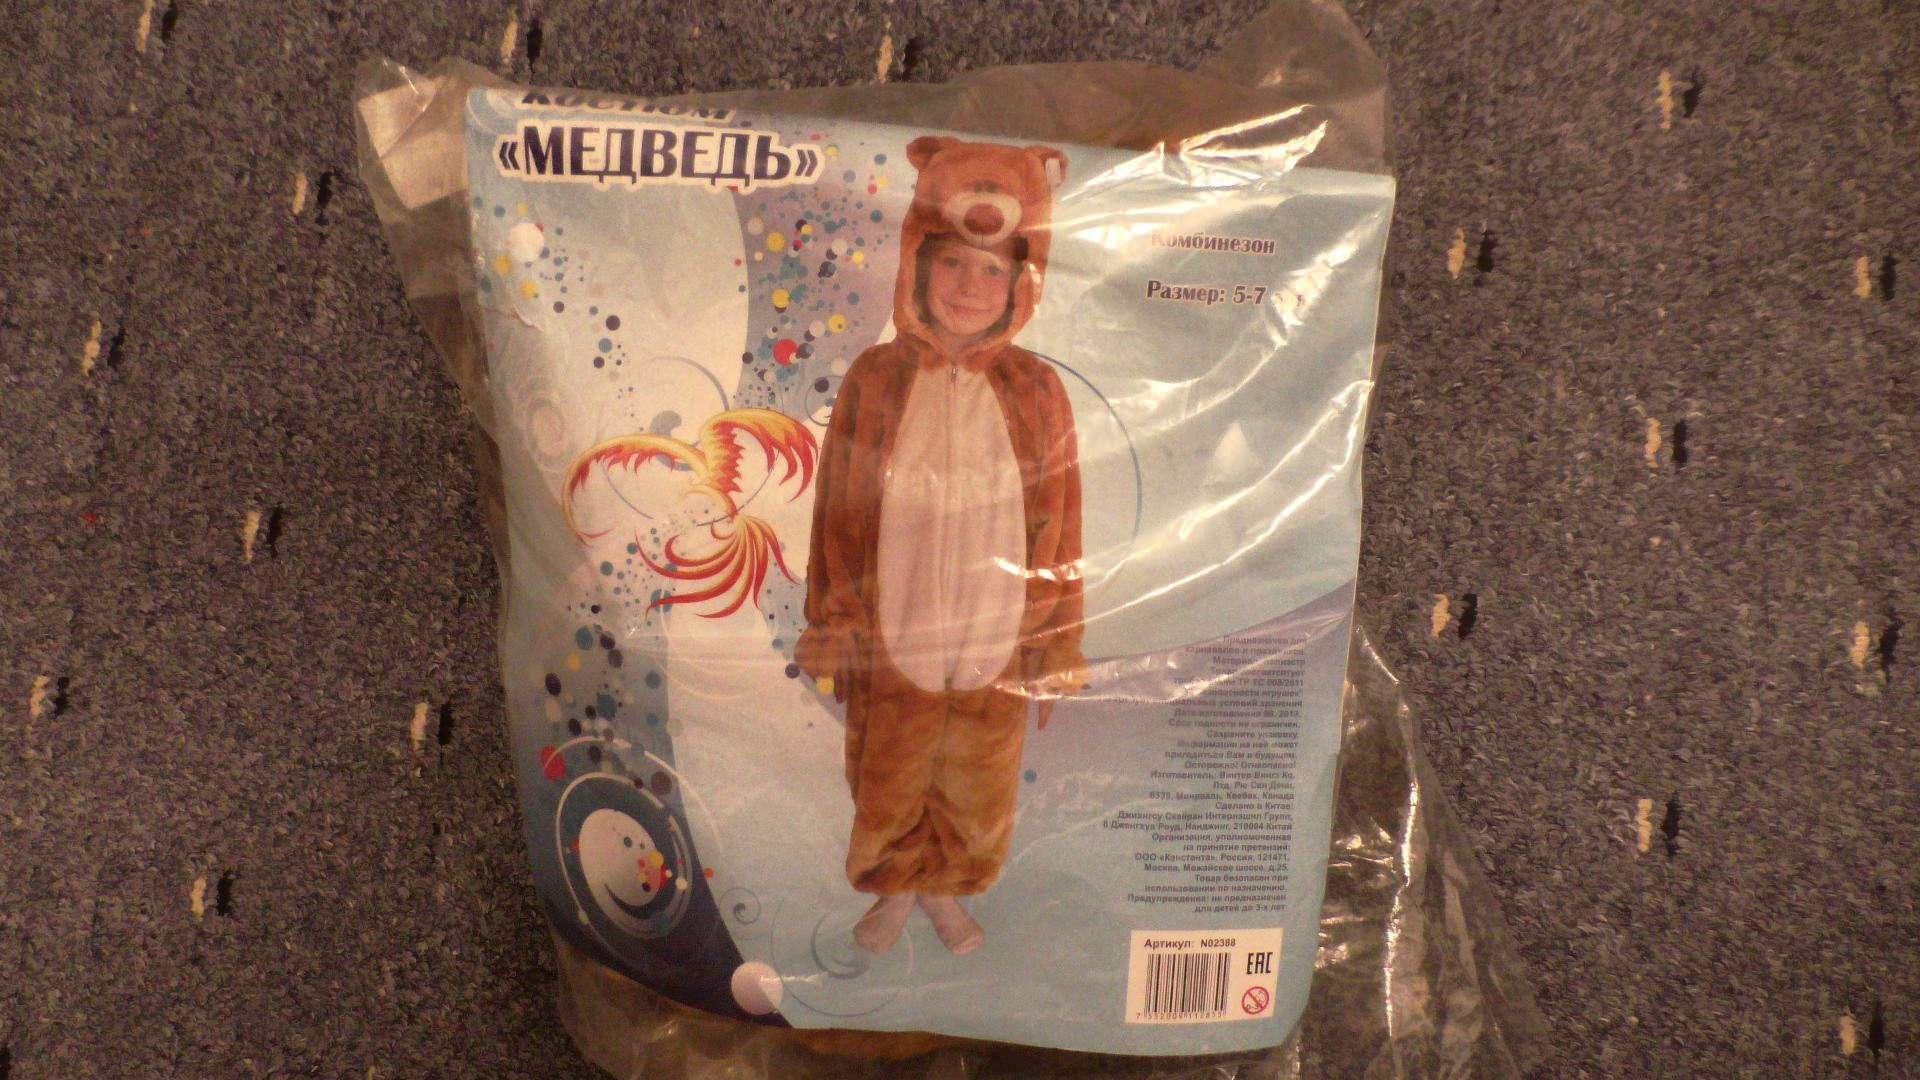 Карнавальный костюм WINTER WINGS N02388 Медведь комбинезон 5-7 лет ... aaa30d1037d9b